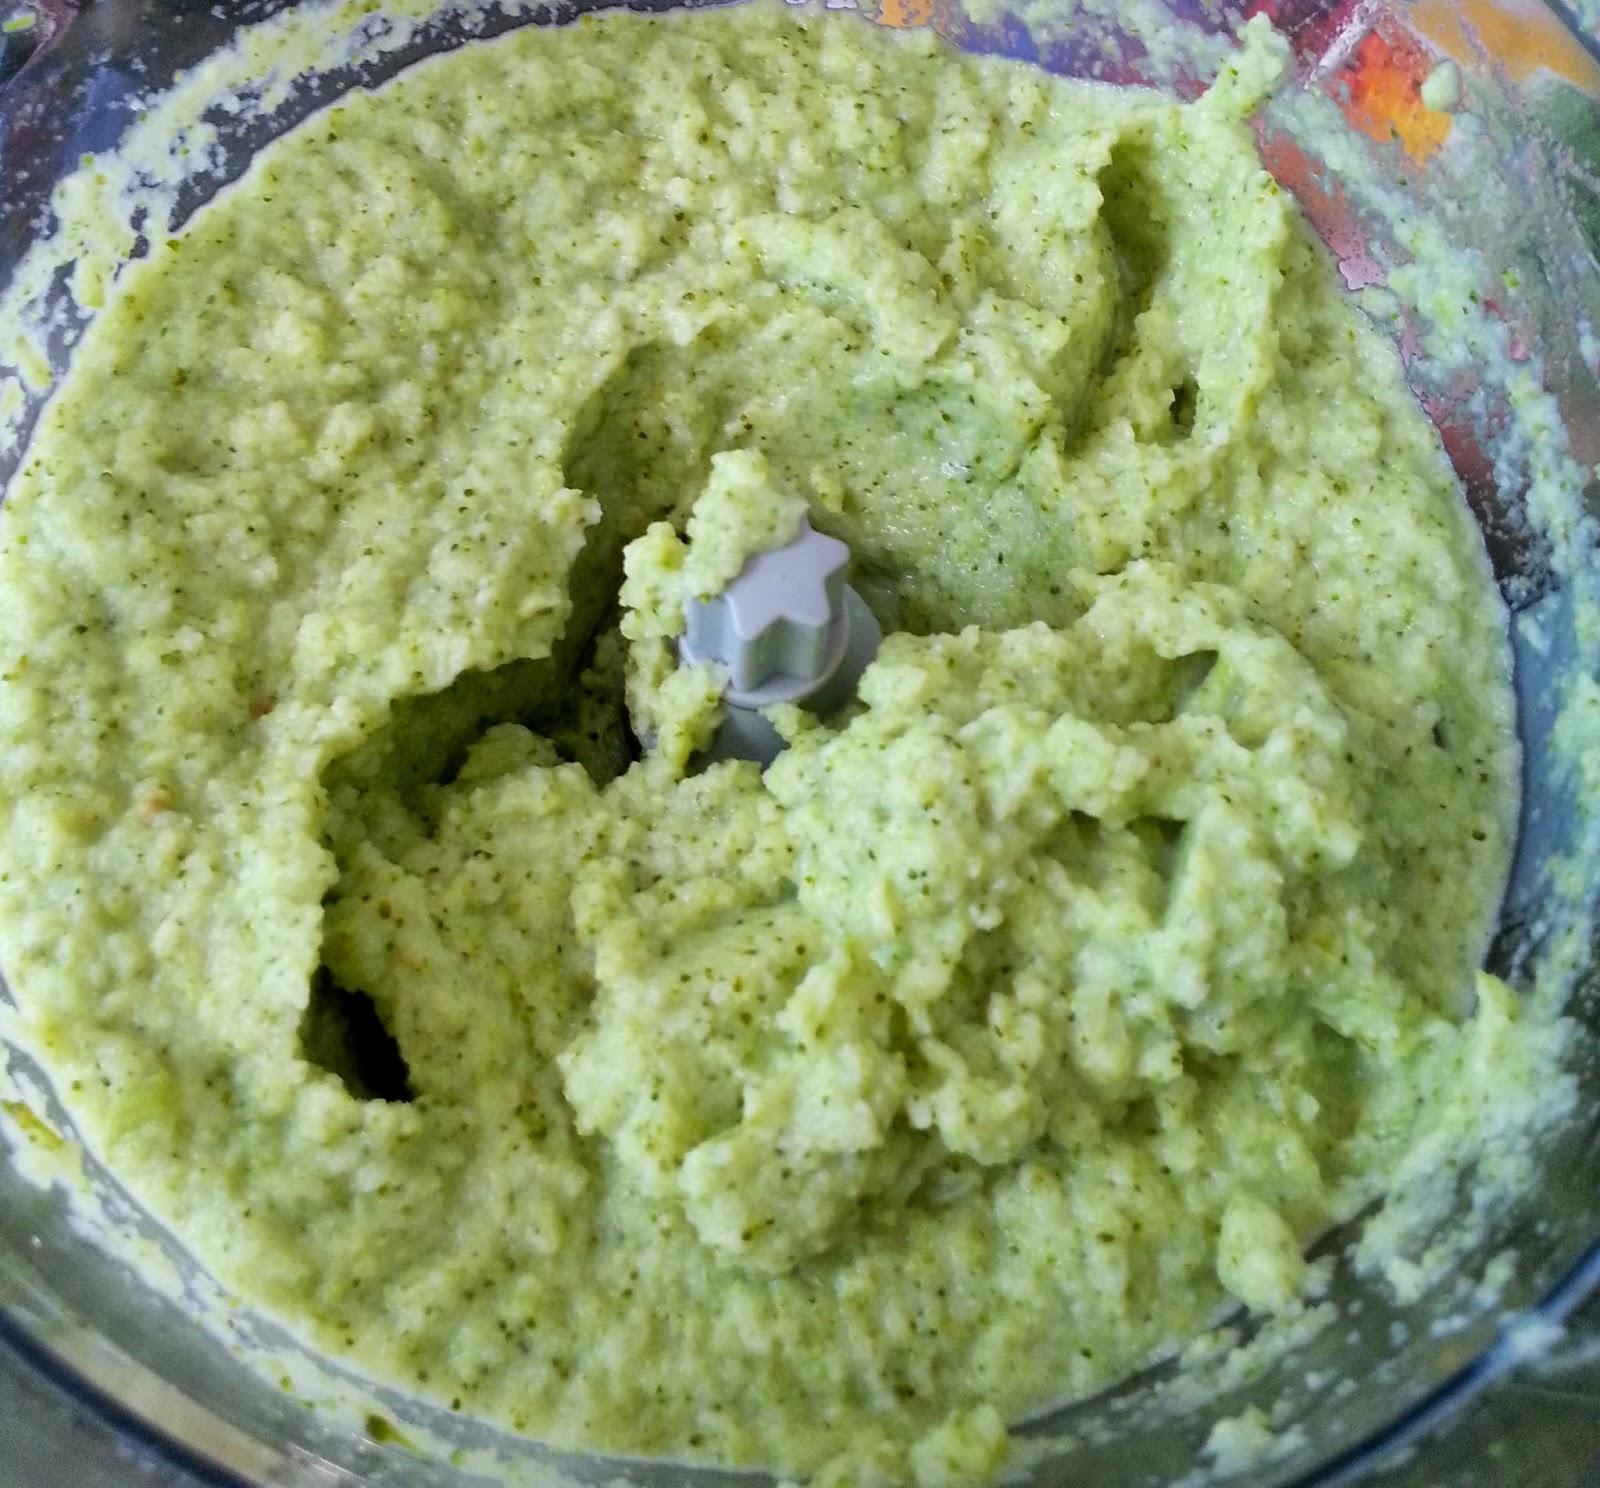 receita purê brócolis couve-flor